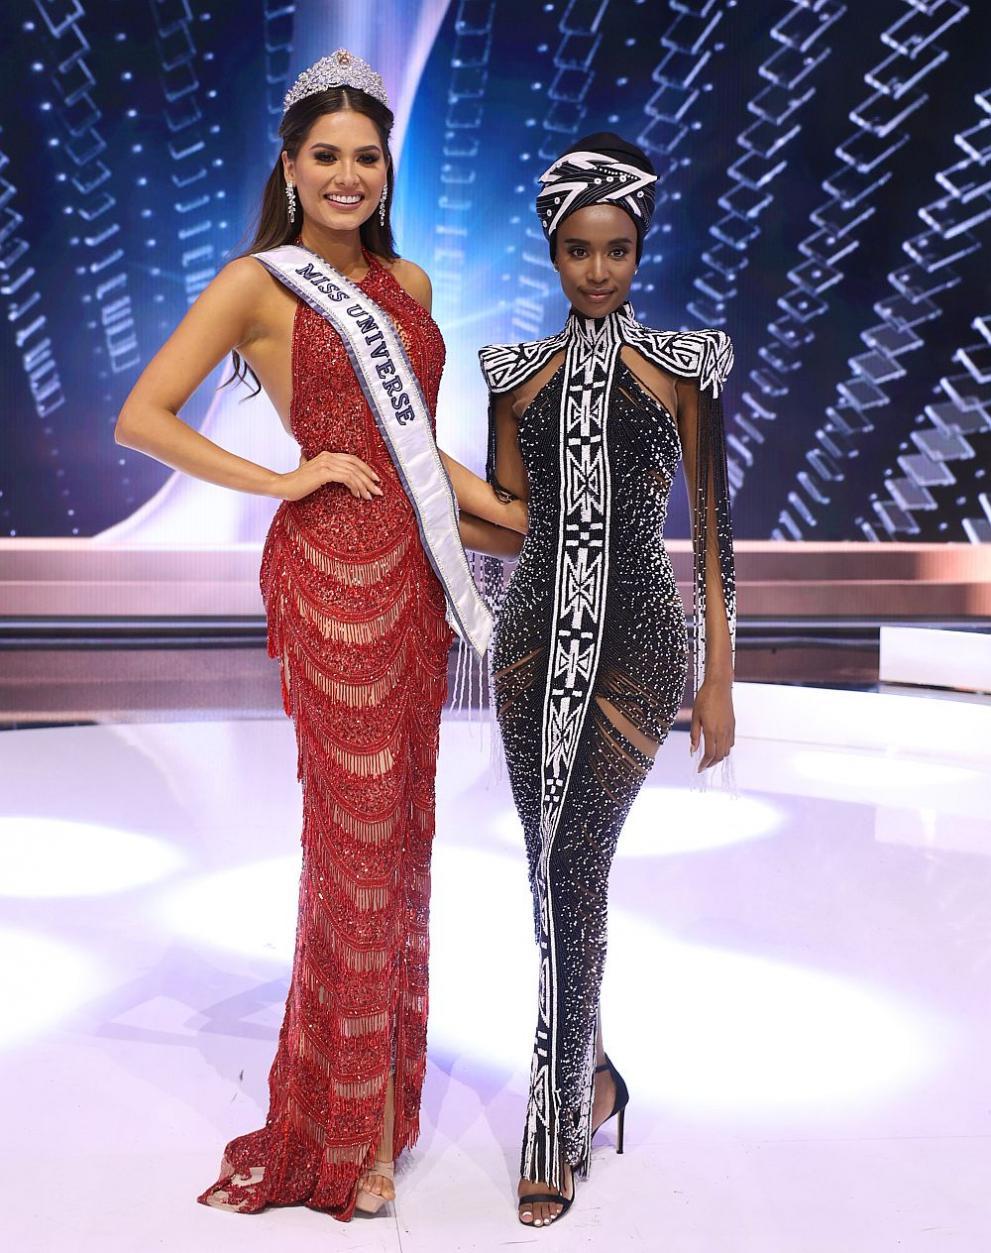 Андреа Меса получи короната от предишната победителка в конкурса Зозибини Тунзи